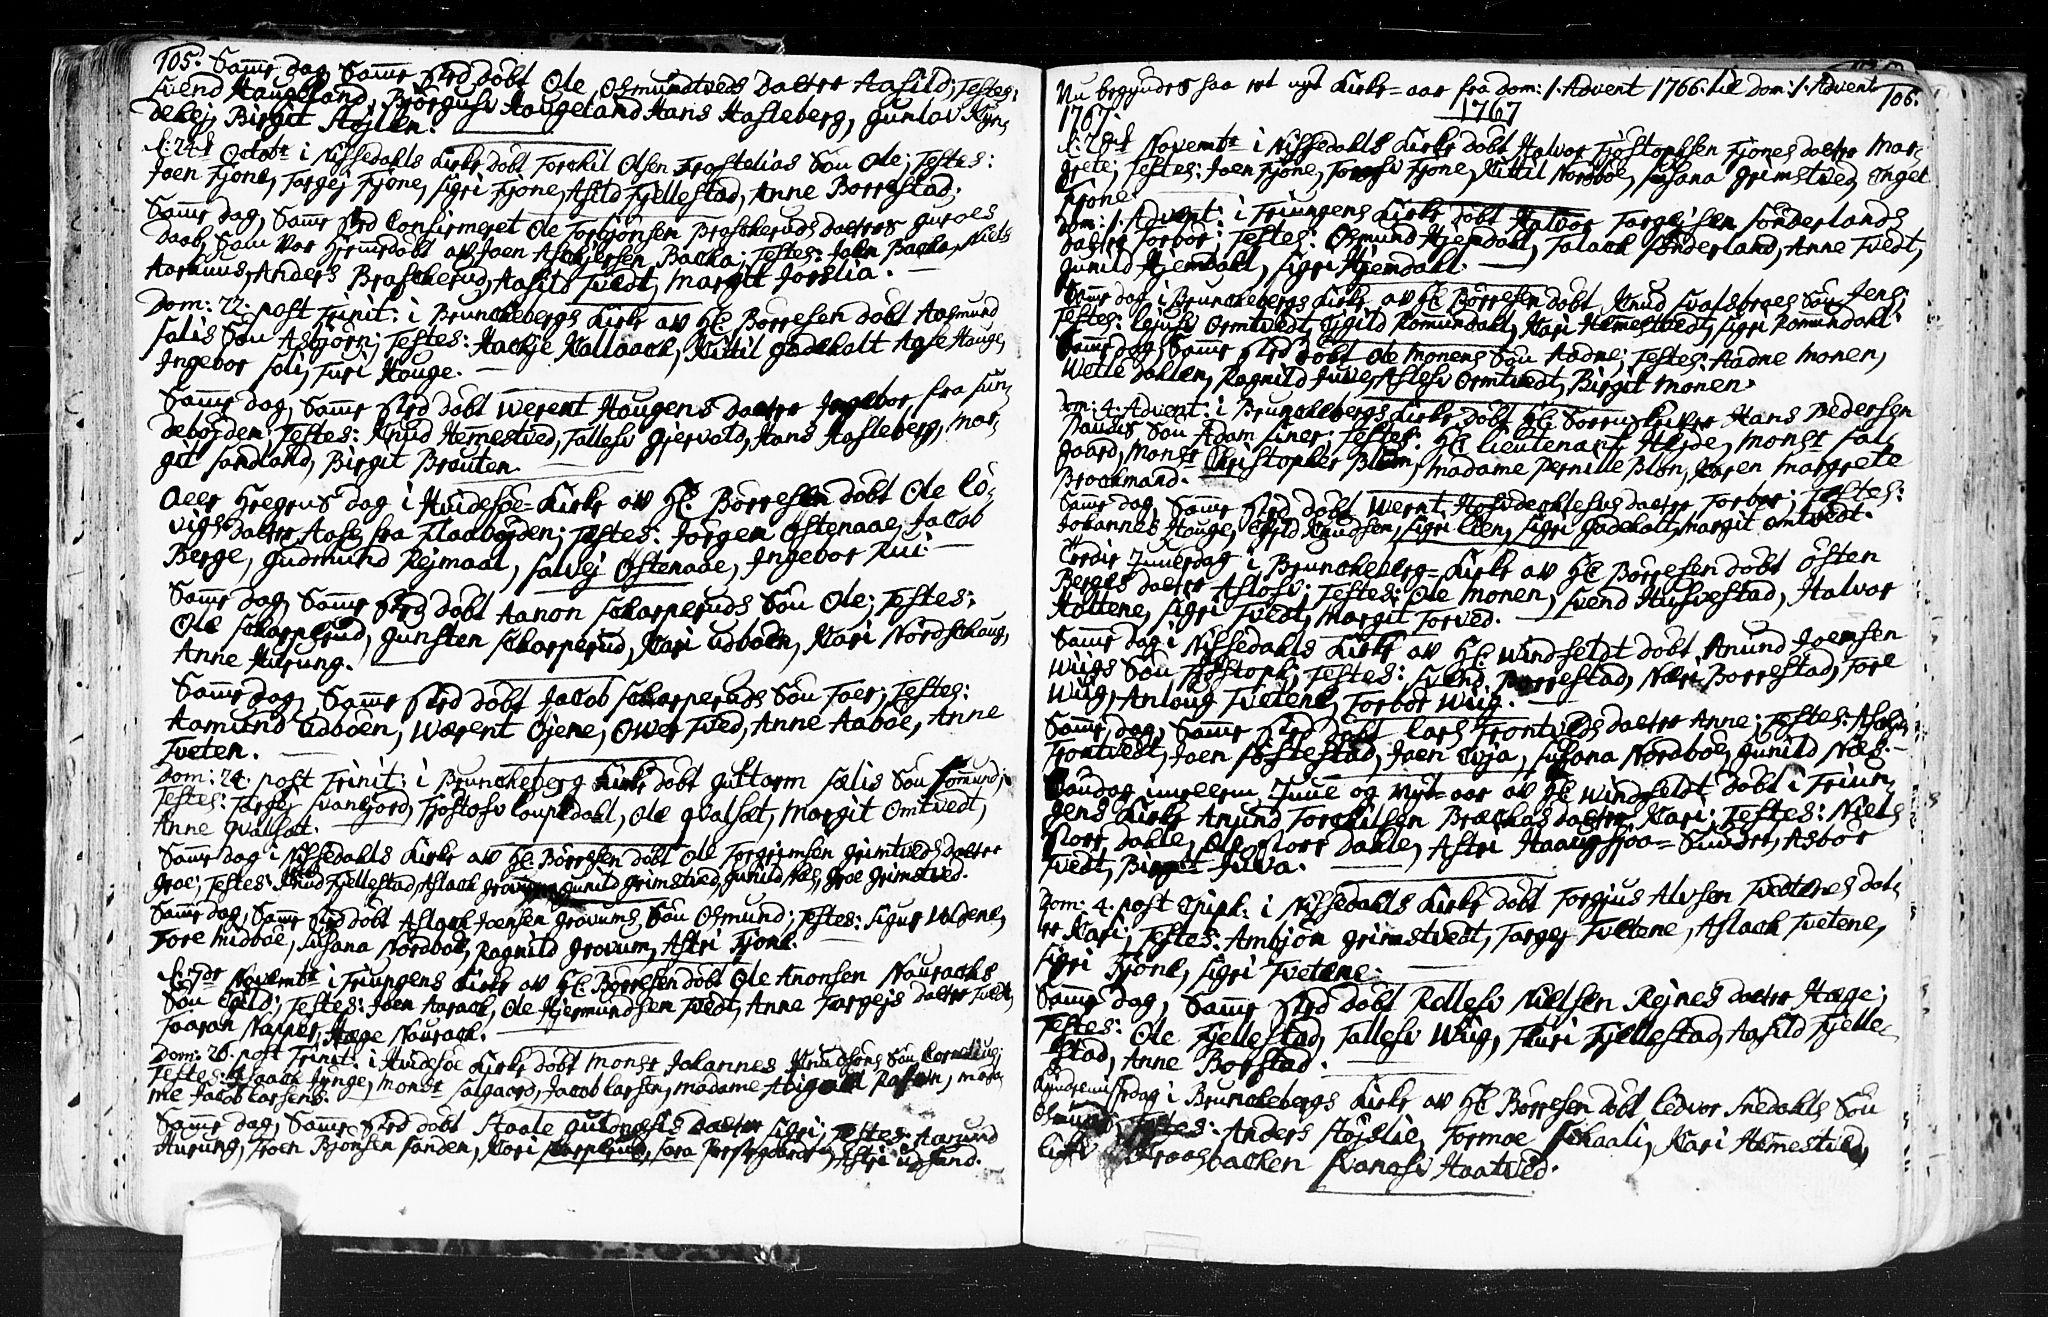 SAKO, Kviteseid kirkebøker, F/Fa/L0001: Ministerialbok nr. I 1, 1754-1773, s. 105-106